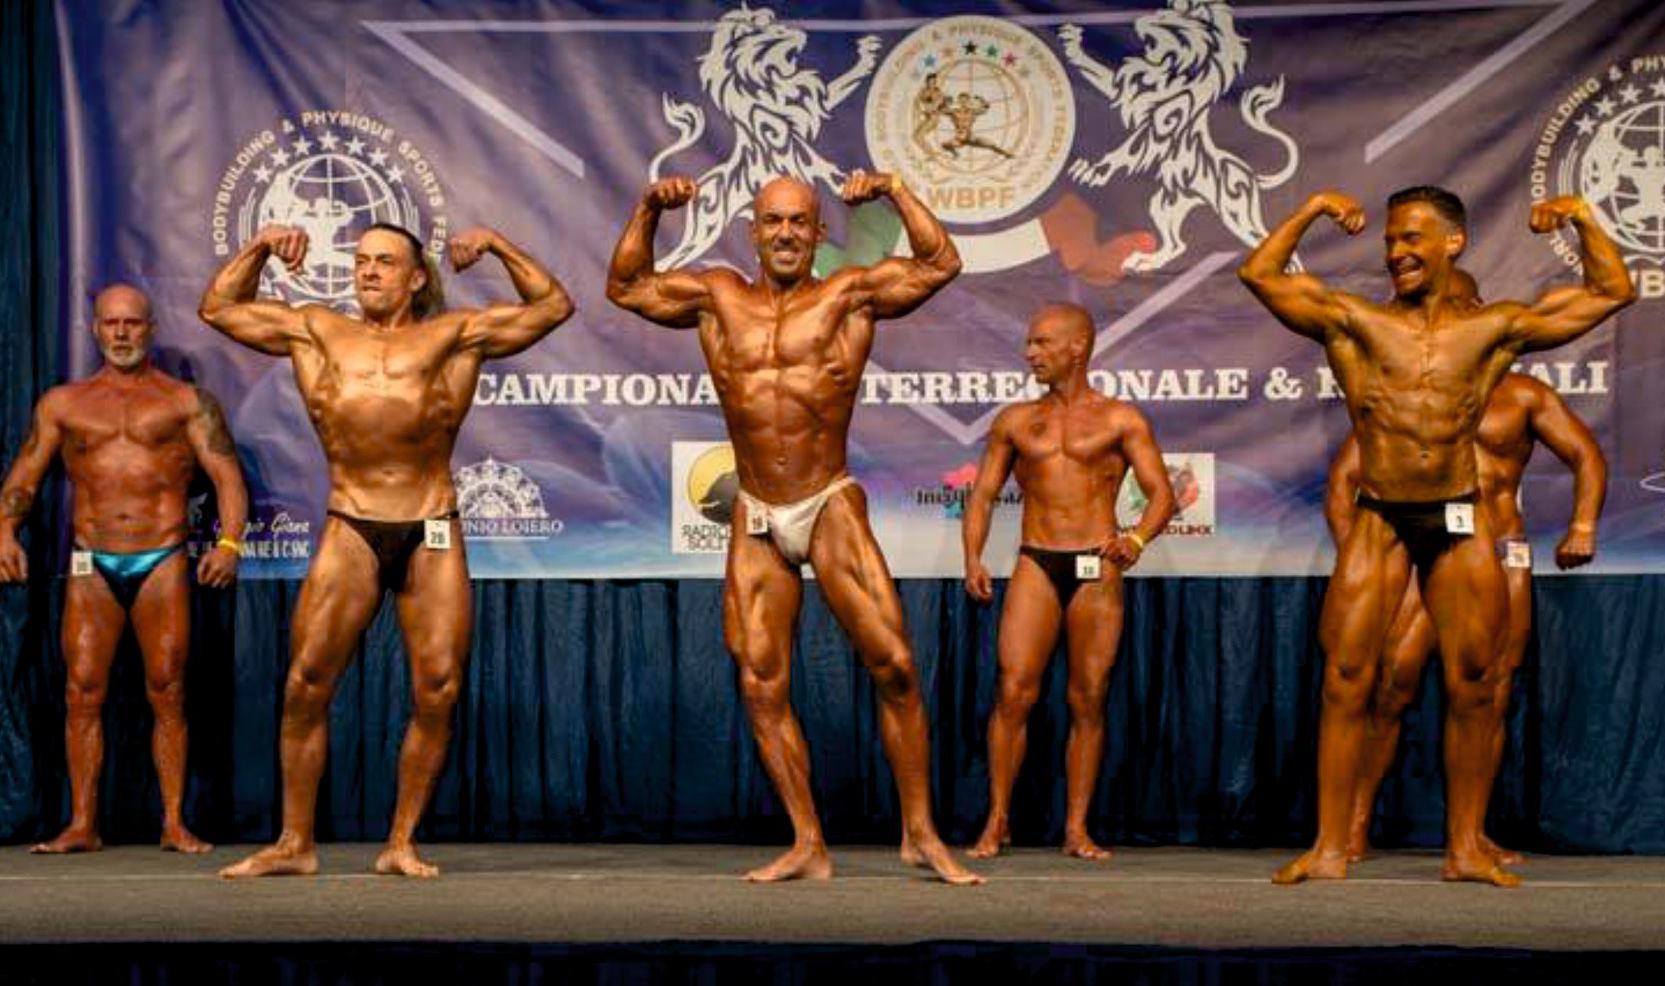 Turbigo di nuovo capitale del bodybuilding nel ricordo di Pino Sporchia - MALPENSA24 - malpensa24.it